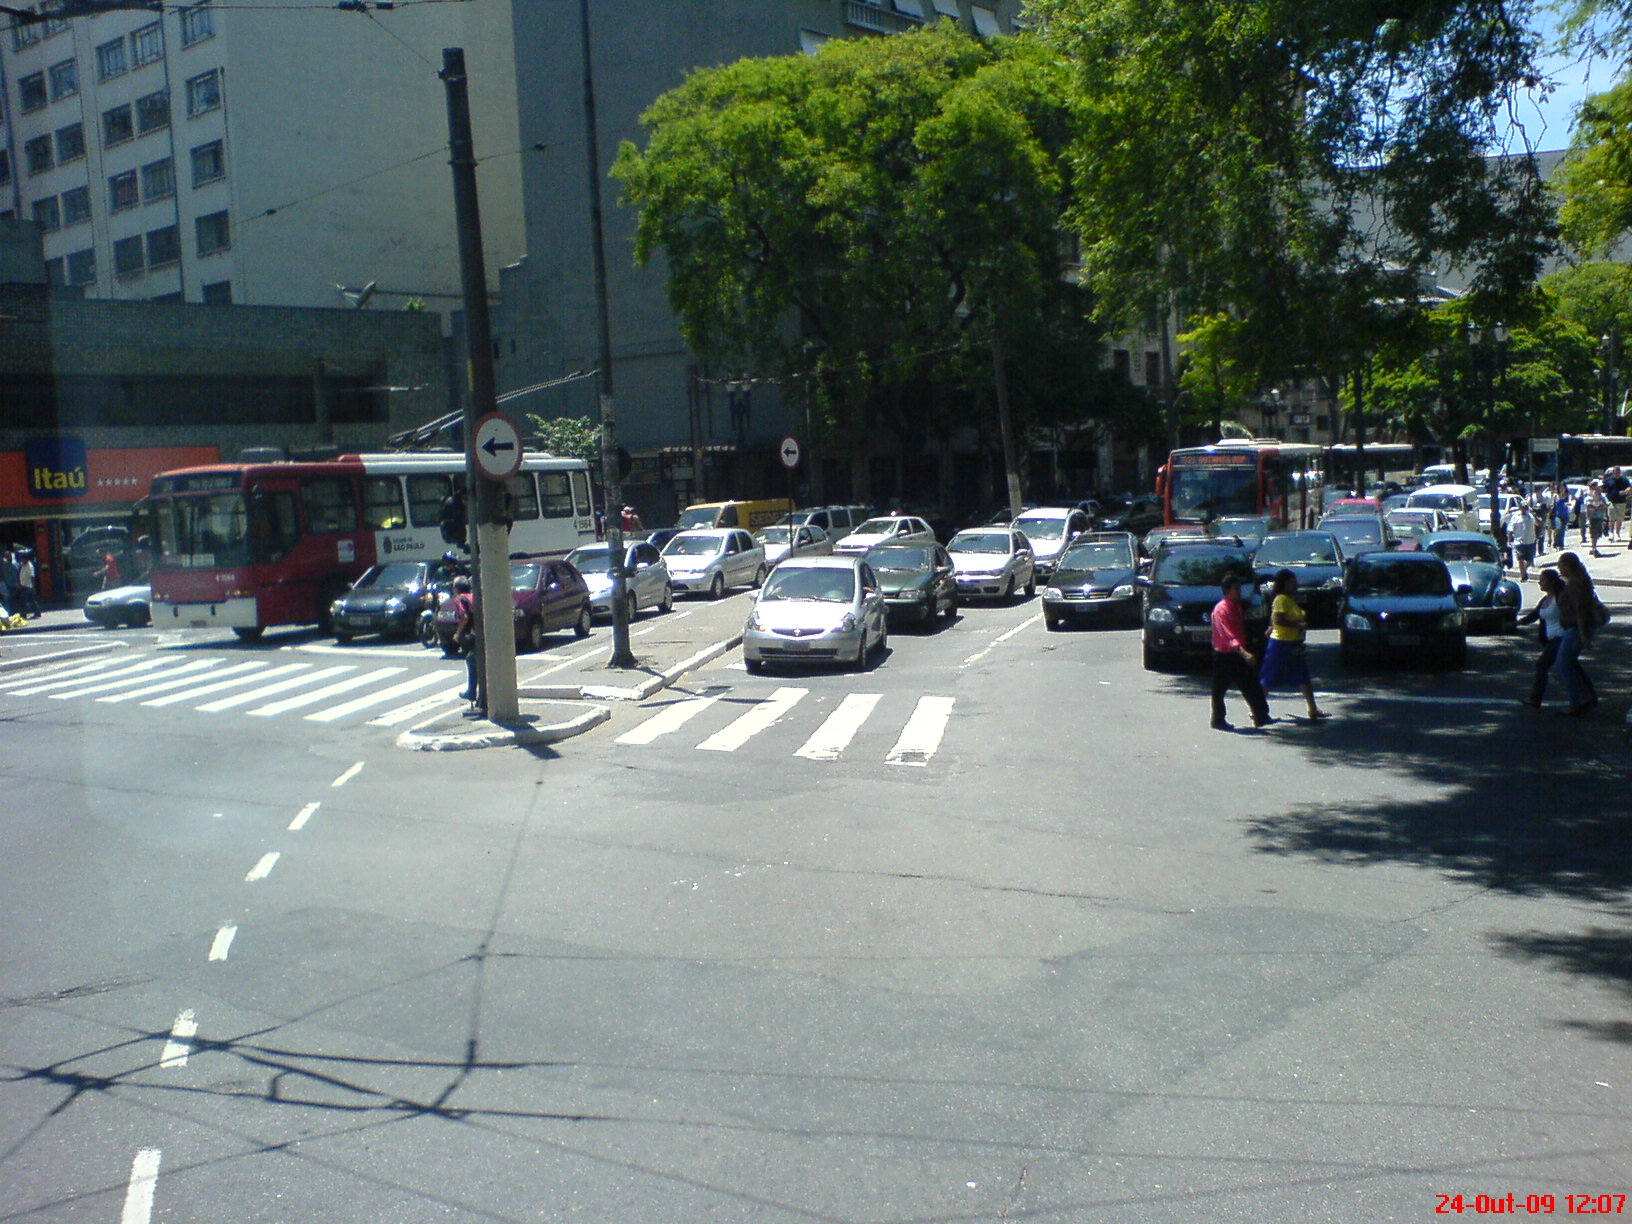 Queiroz São Paulo fonte: upload.wikimedia.org